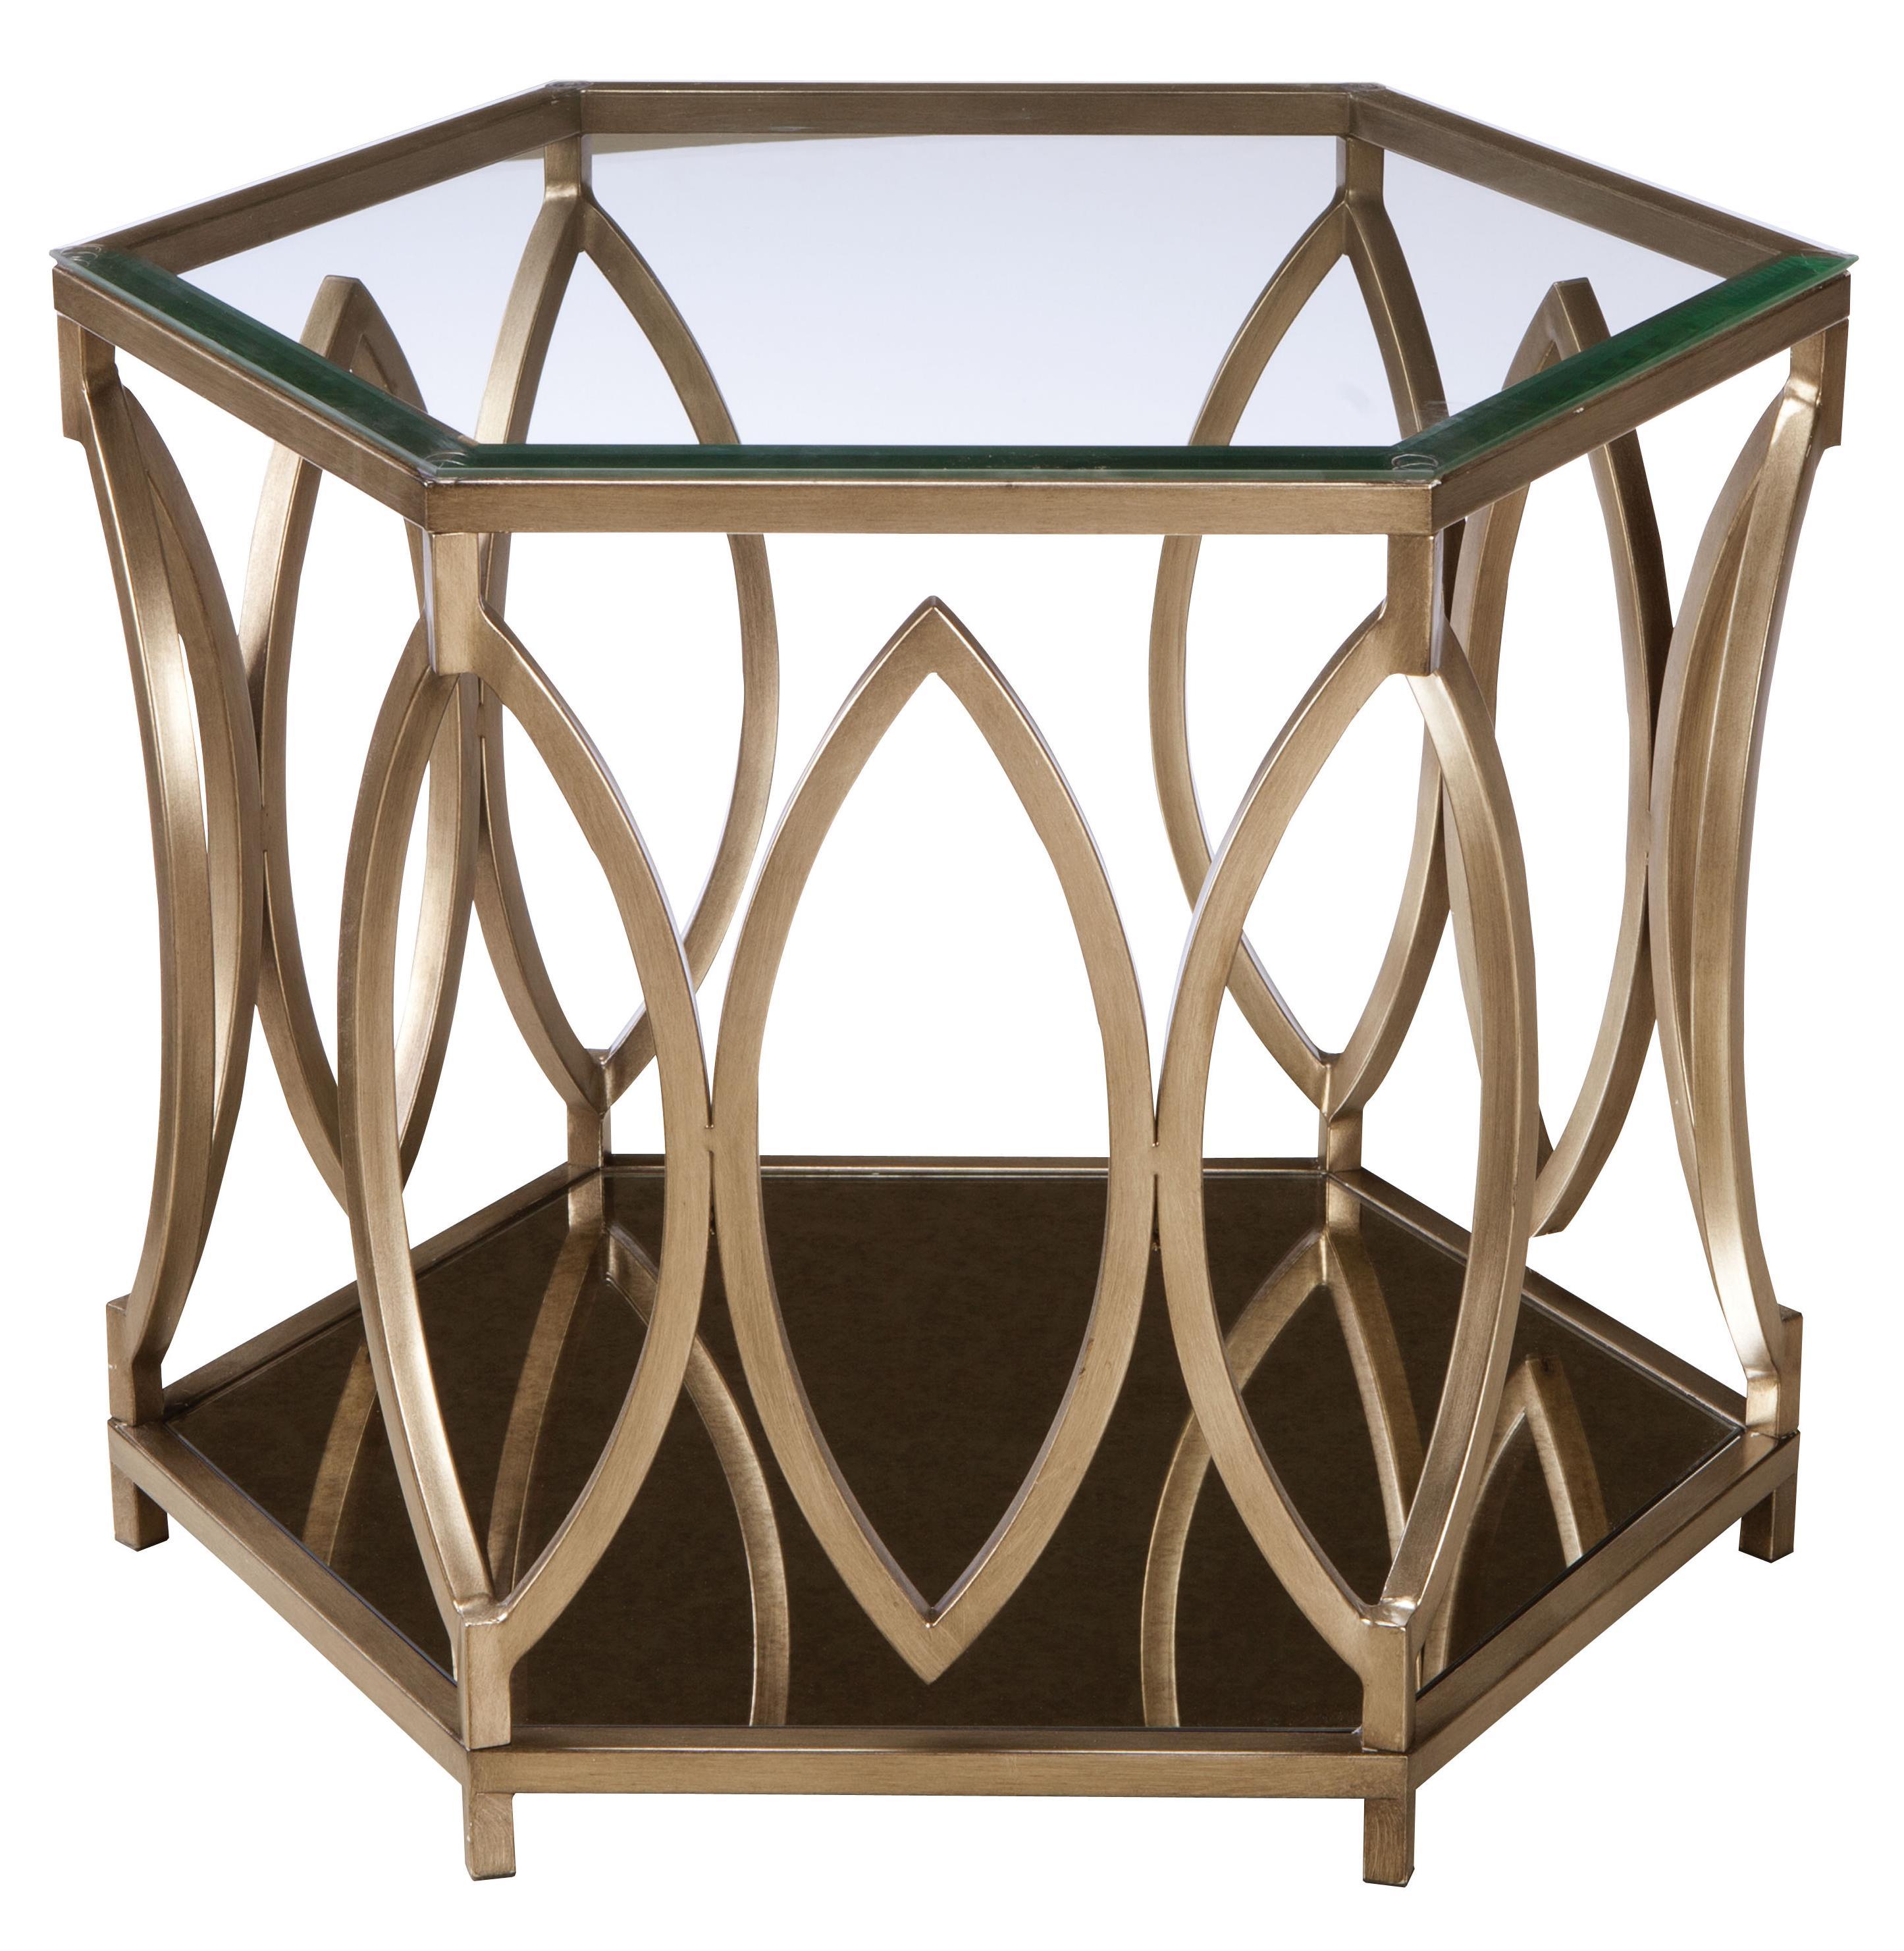 Standard Furniture Santa Barbara  Hexagonal End Table - Item Number: 27912